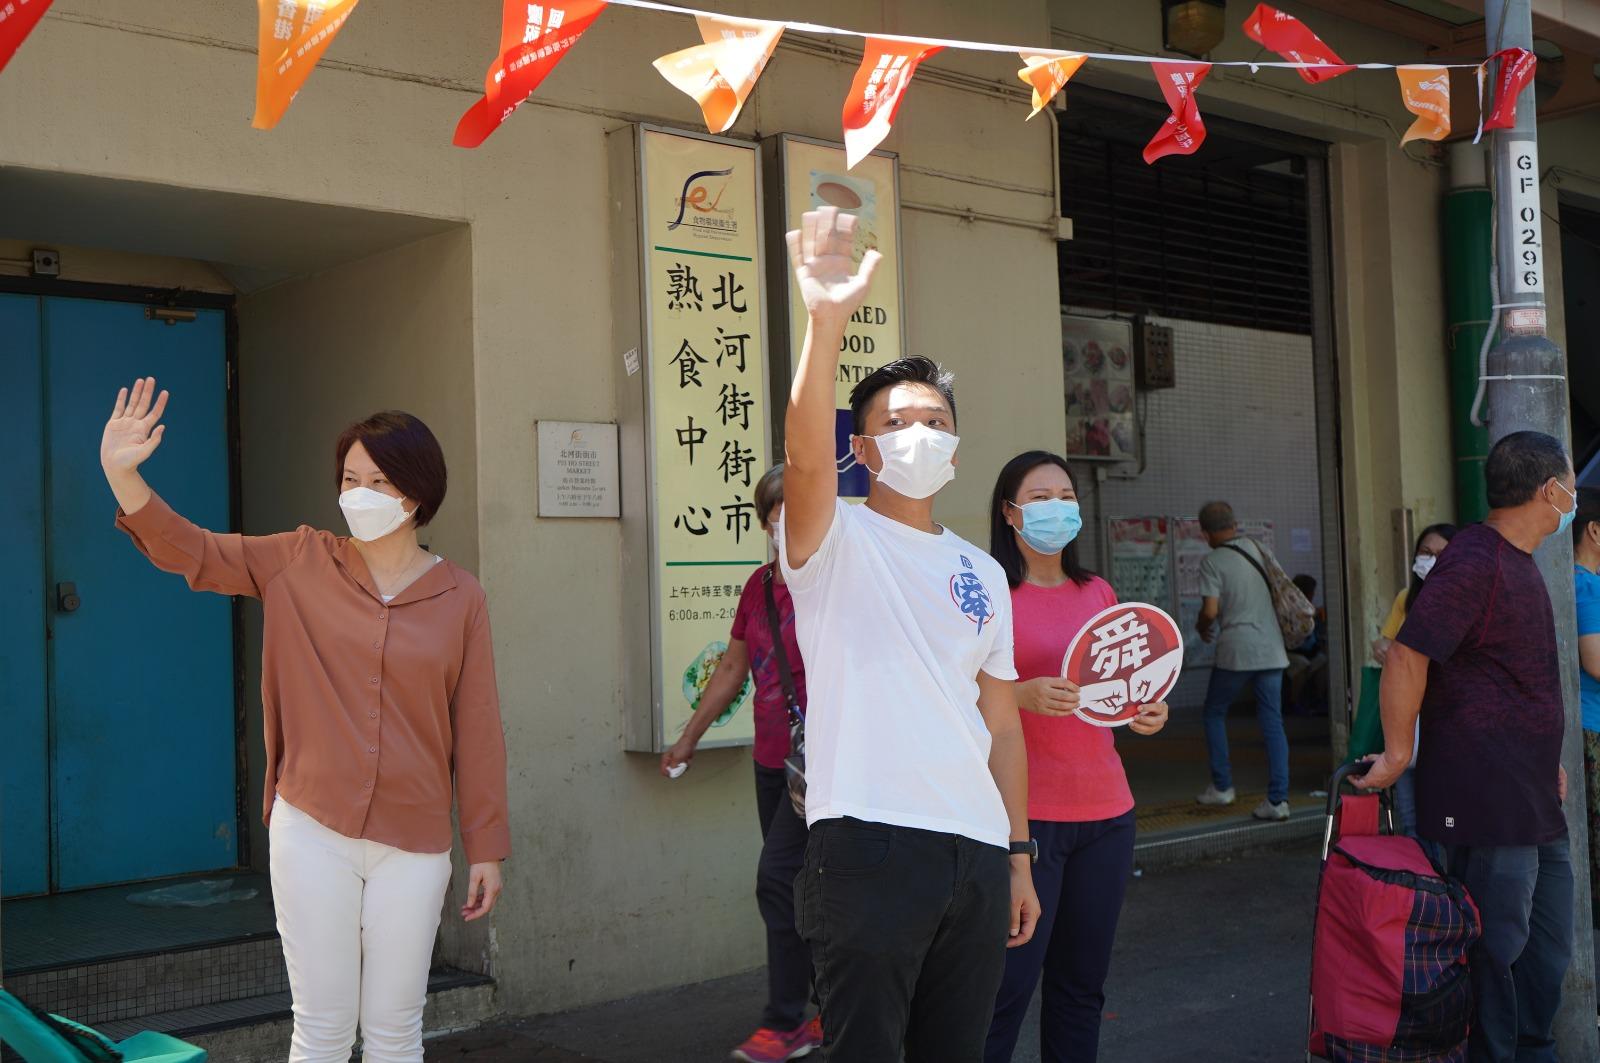 阿舜在北河街街市外呼籲市民繼續加油,做好防疫工作